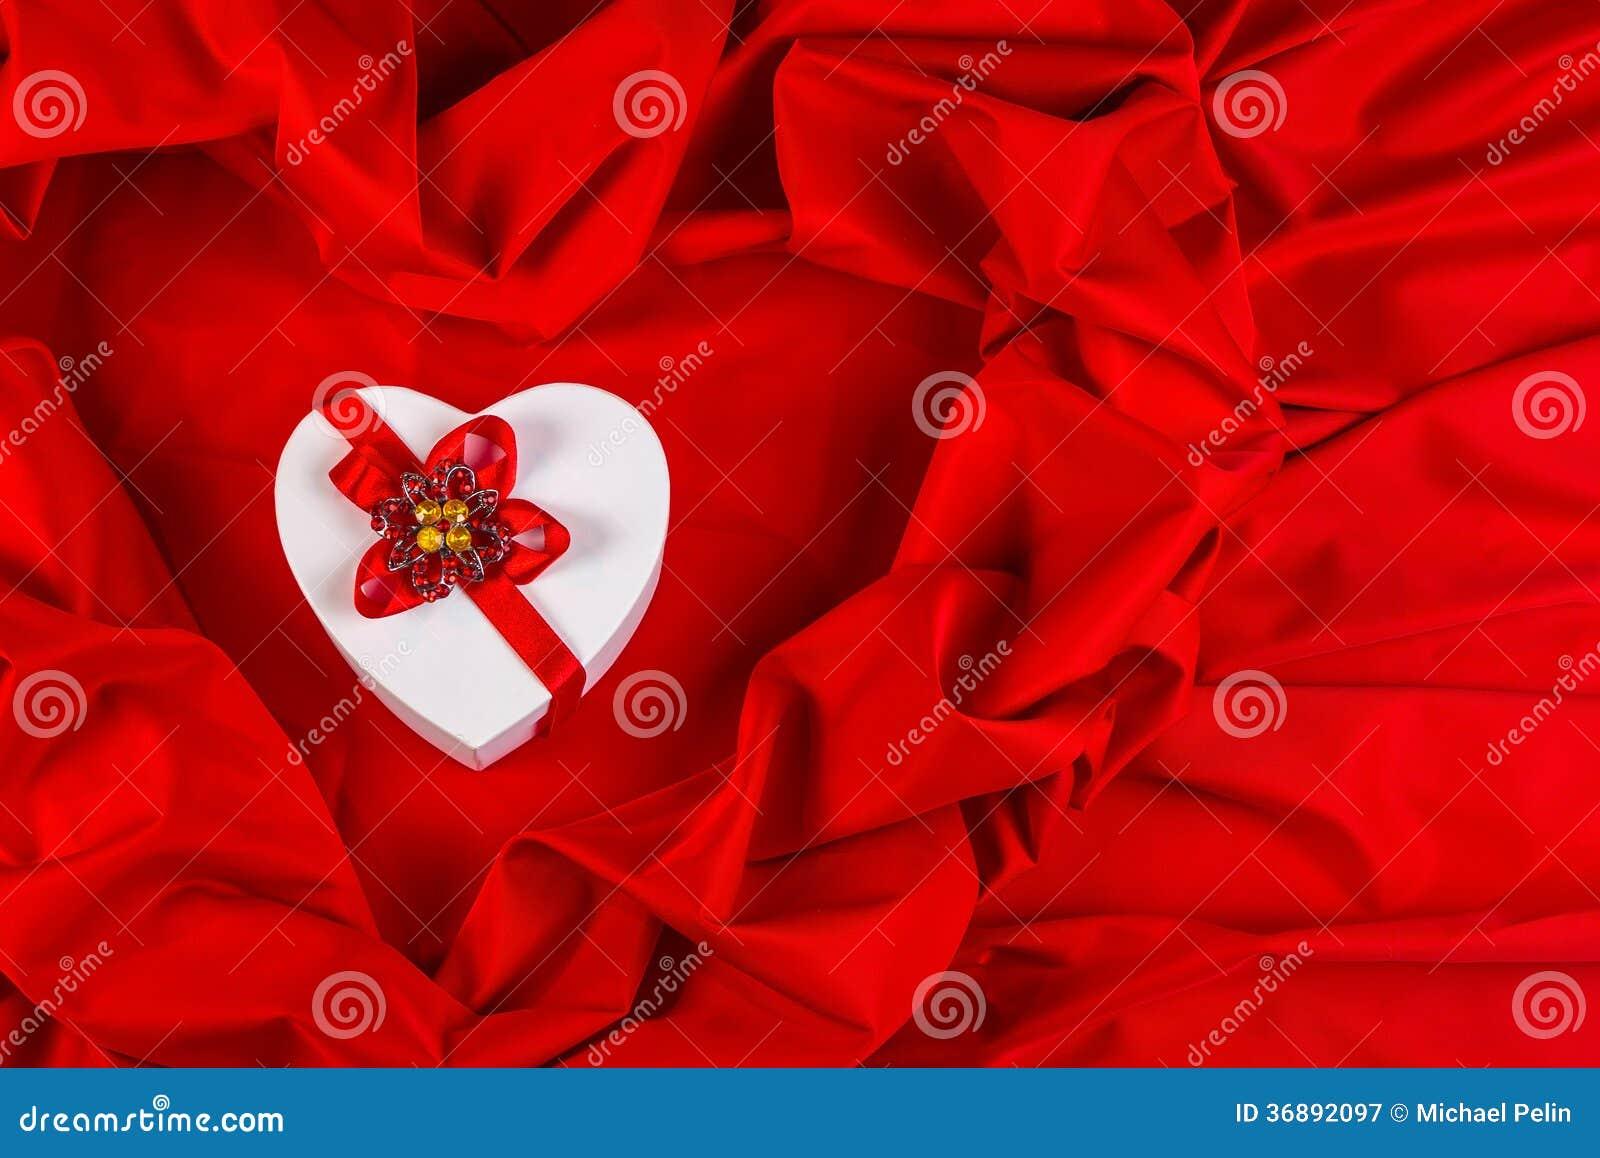 Download Ami La Carta Con Cuore Su Un Tessuto Rosso Immagine Stock - Immagine di sorpresa, anniversario: 36892097